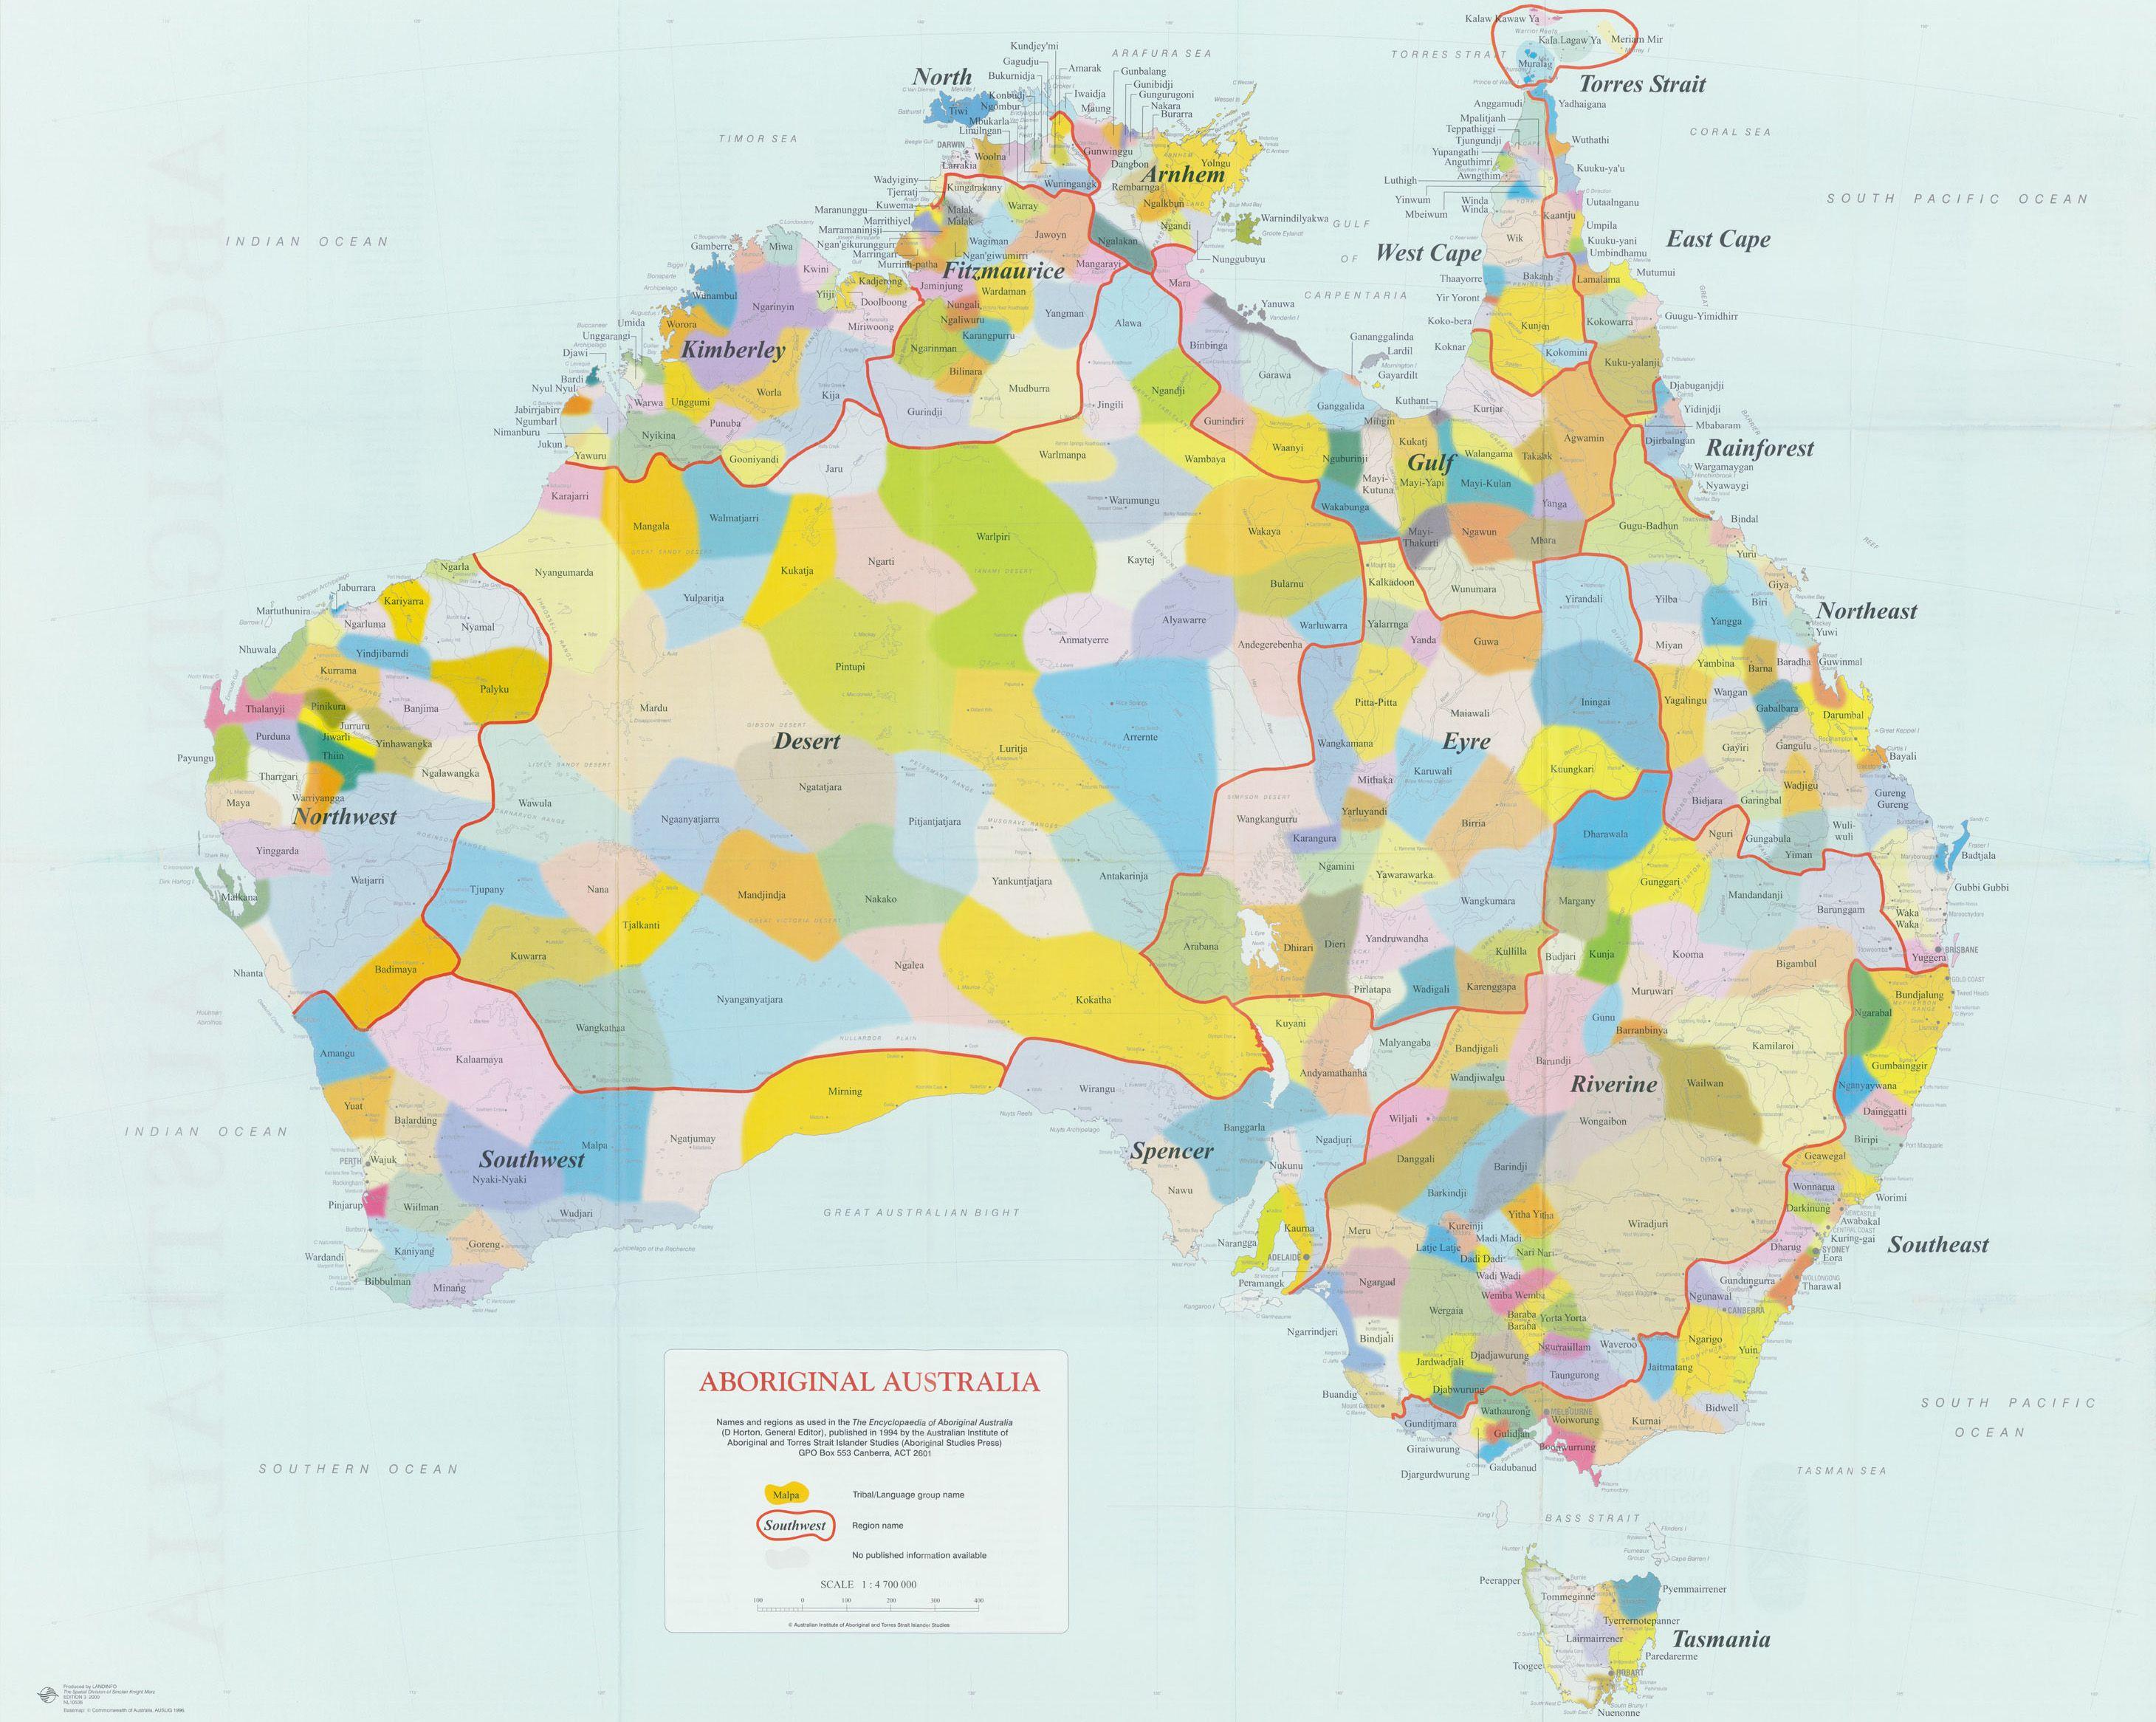 Region of Origin: Australia